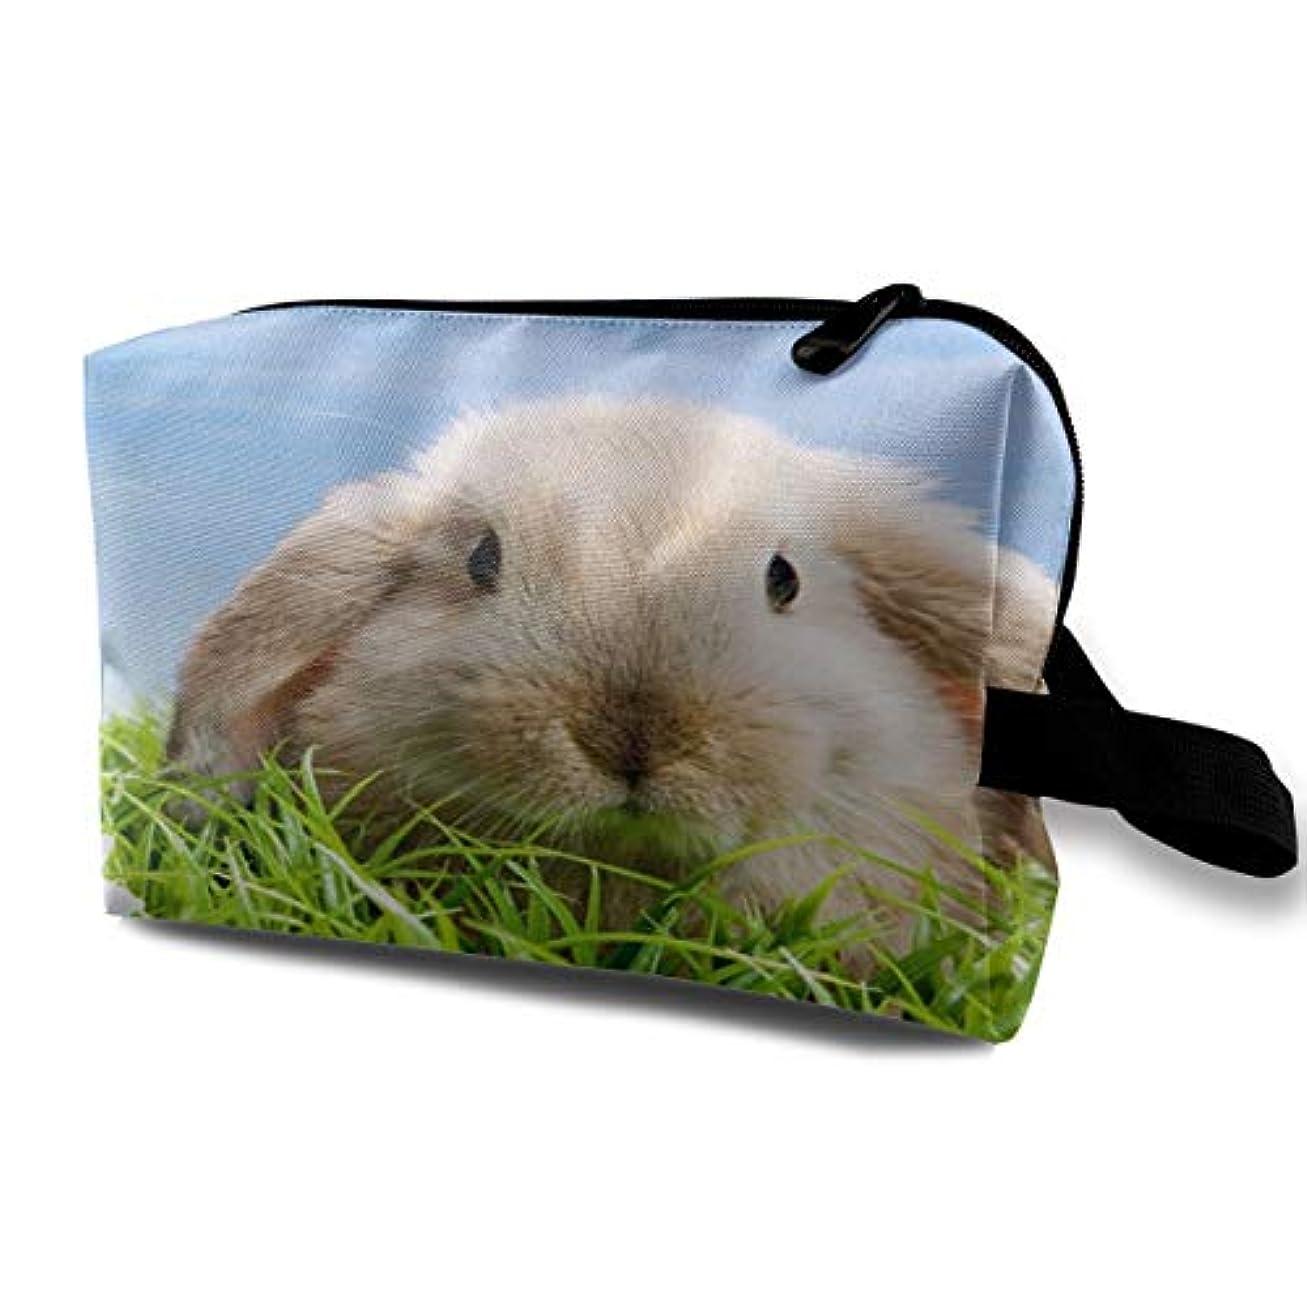 物思いにふける暗くするセンサーCute Easter Bunny In The Green Grass 収納ポーチ 化粧ポーチ 大容量 軽量 耐久性 ハンドル付持ち運び便利。入れ 自宅?出張?旅行?アウトドア撮影などに対応。メンズ レディース トラベルグッズ